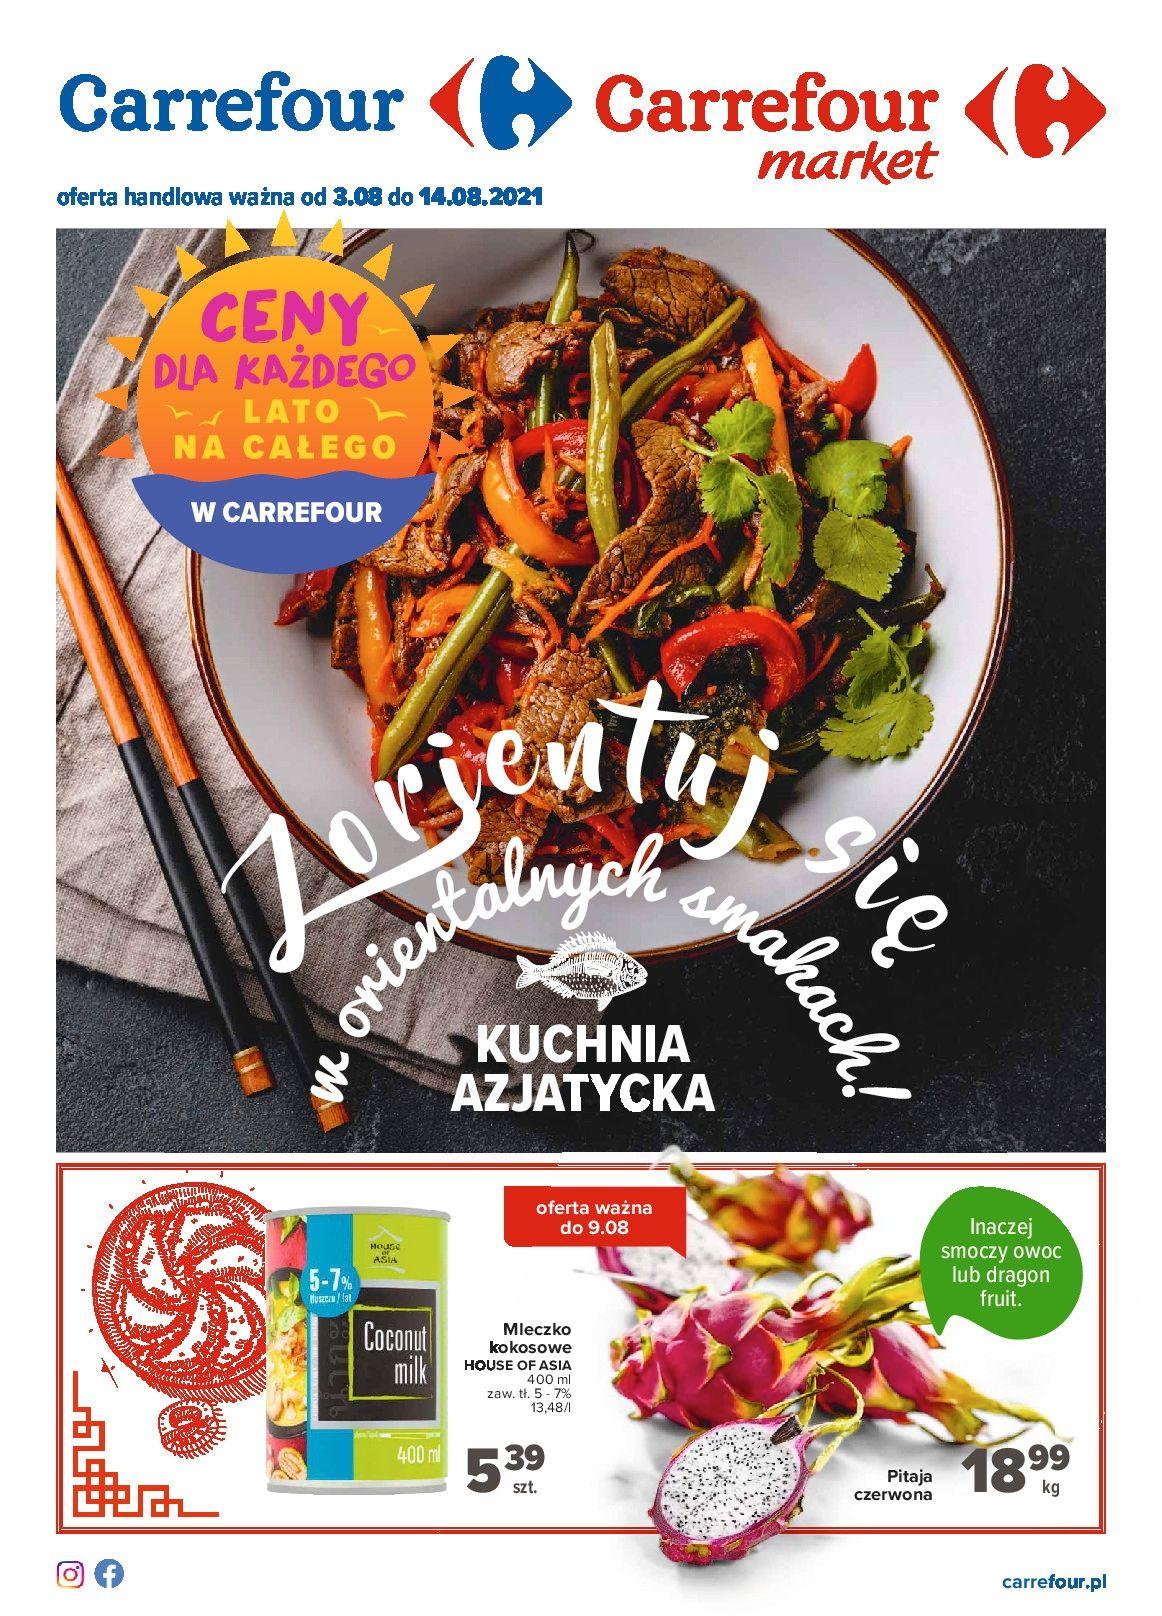 Gazetka Gazetka Kuchnia azjatycka